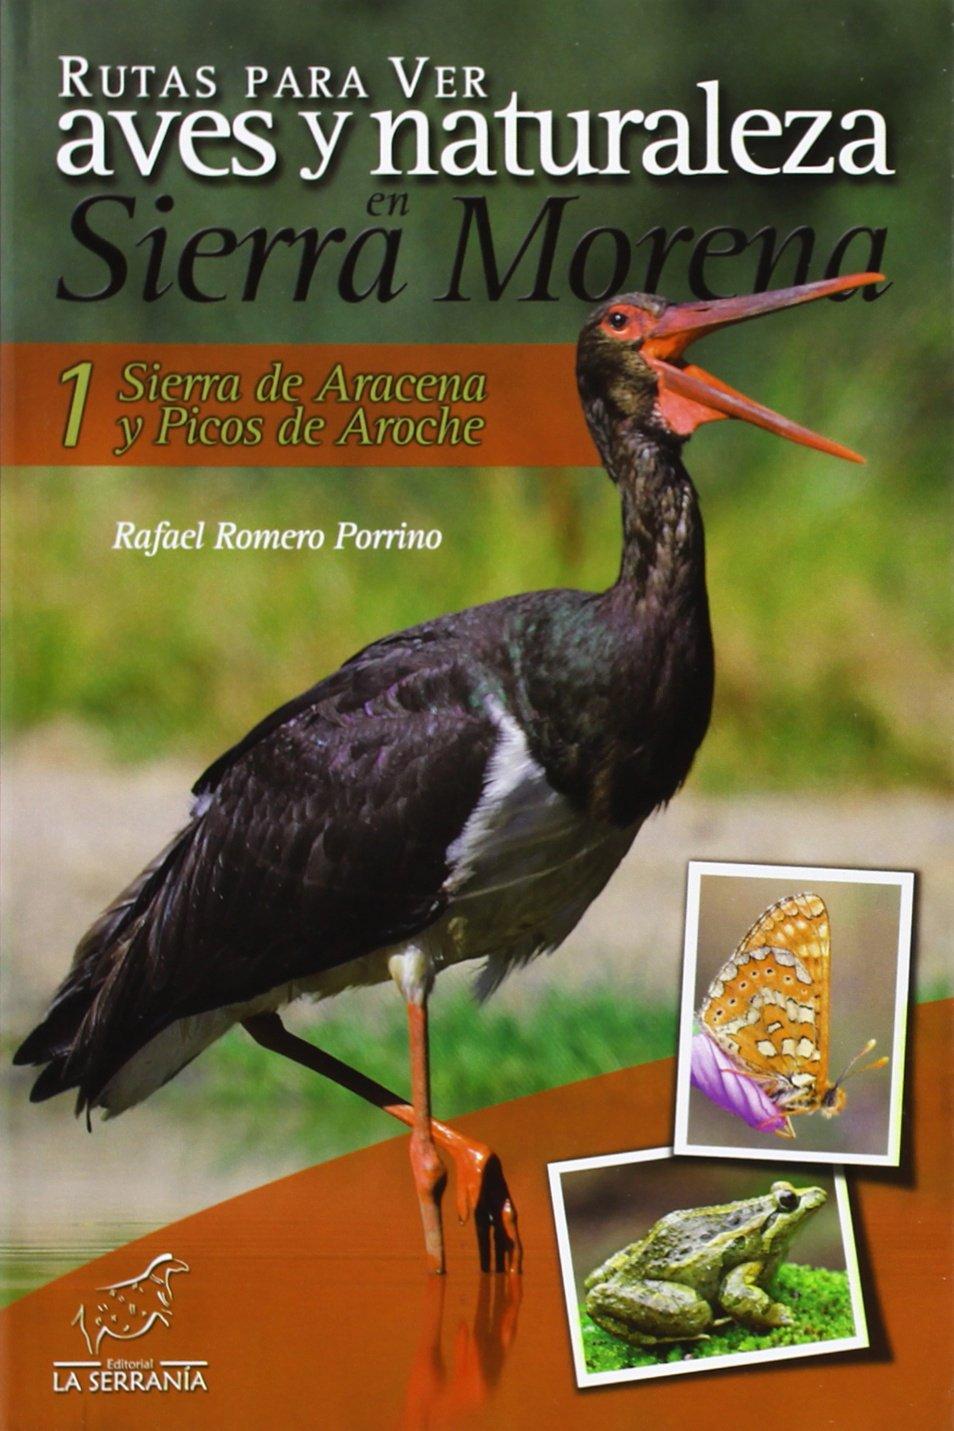 Rutas para ver aves y naturaleza en Sierra Morena: Sierra de Aracena y Picos de Aroche 1: Amazon.es: Romero Porrino, Rafael: Libros